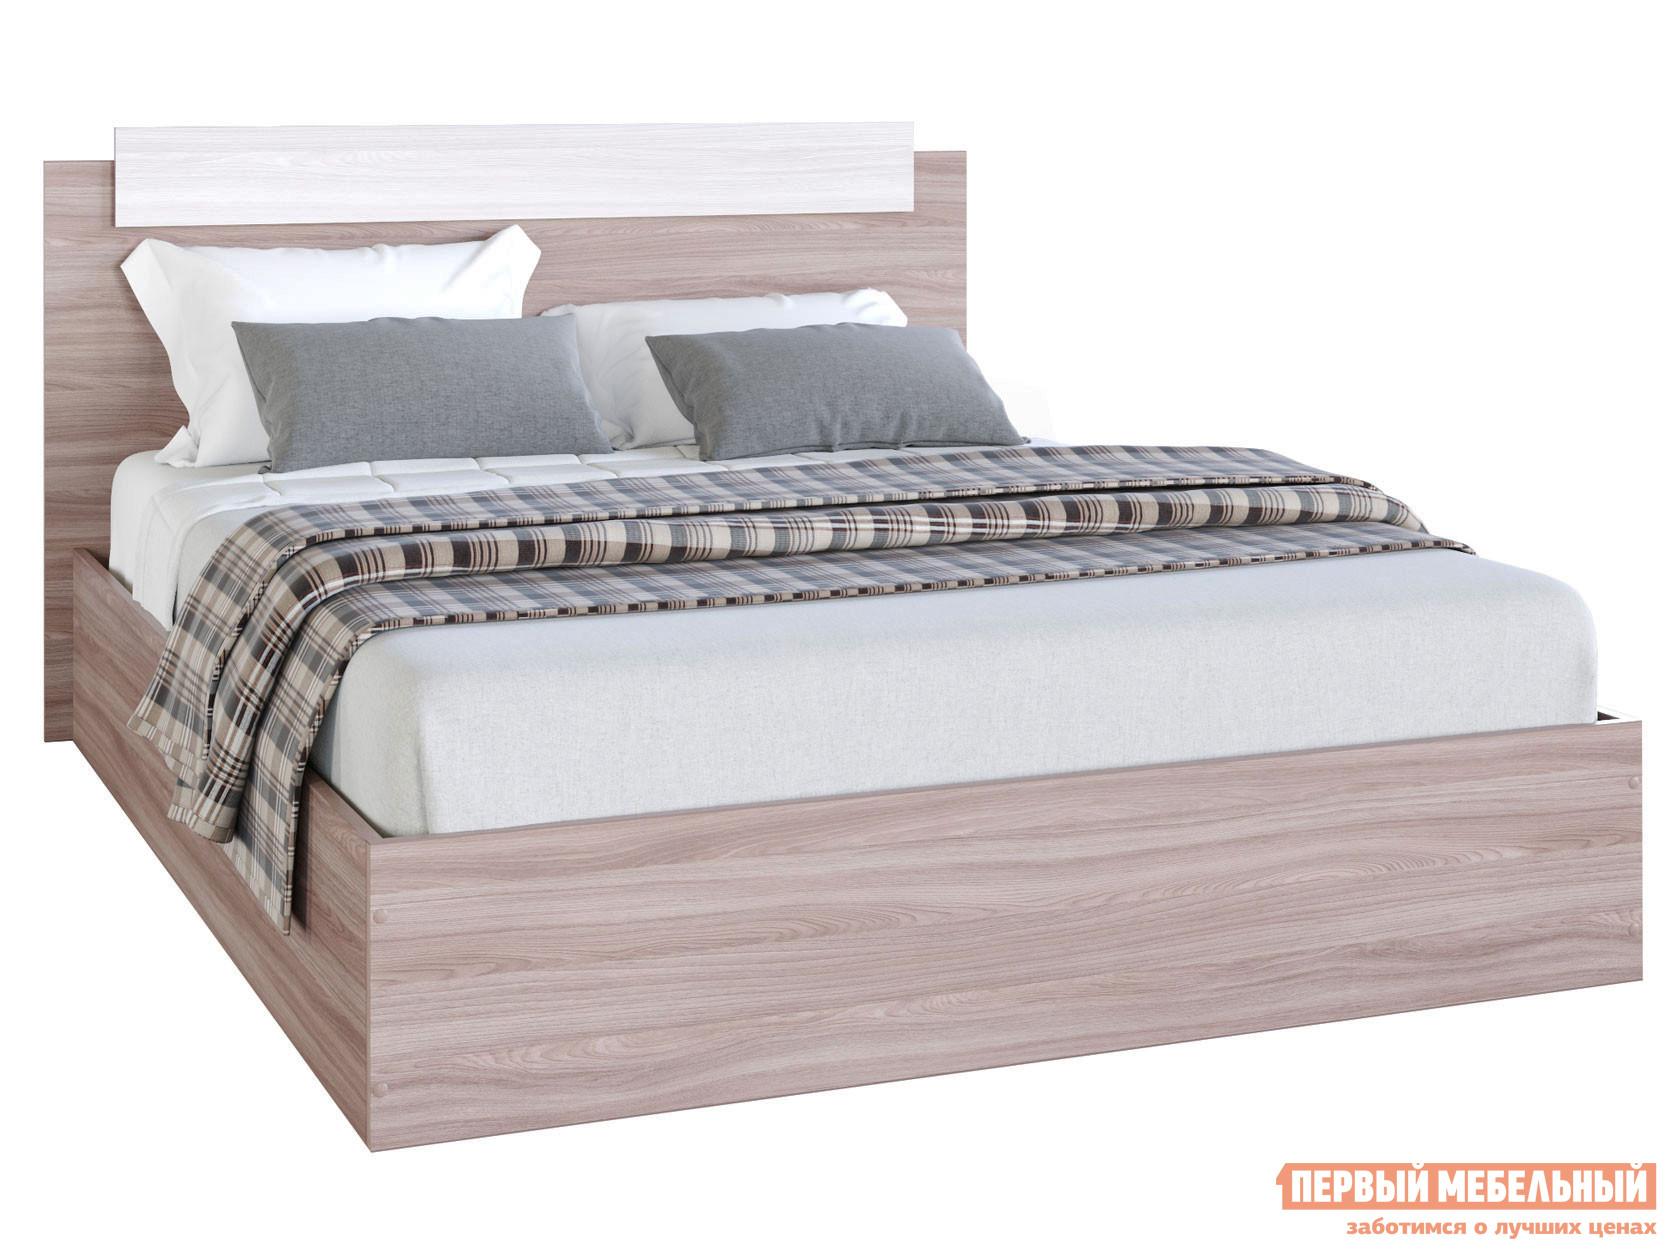 Двуспальная кровать  Эко Ясень шимо светлый / темный, 1400 Х 2000 мм Эра 107950